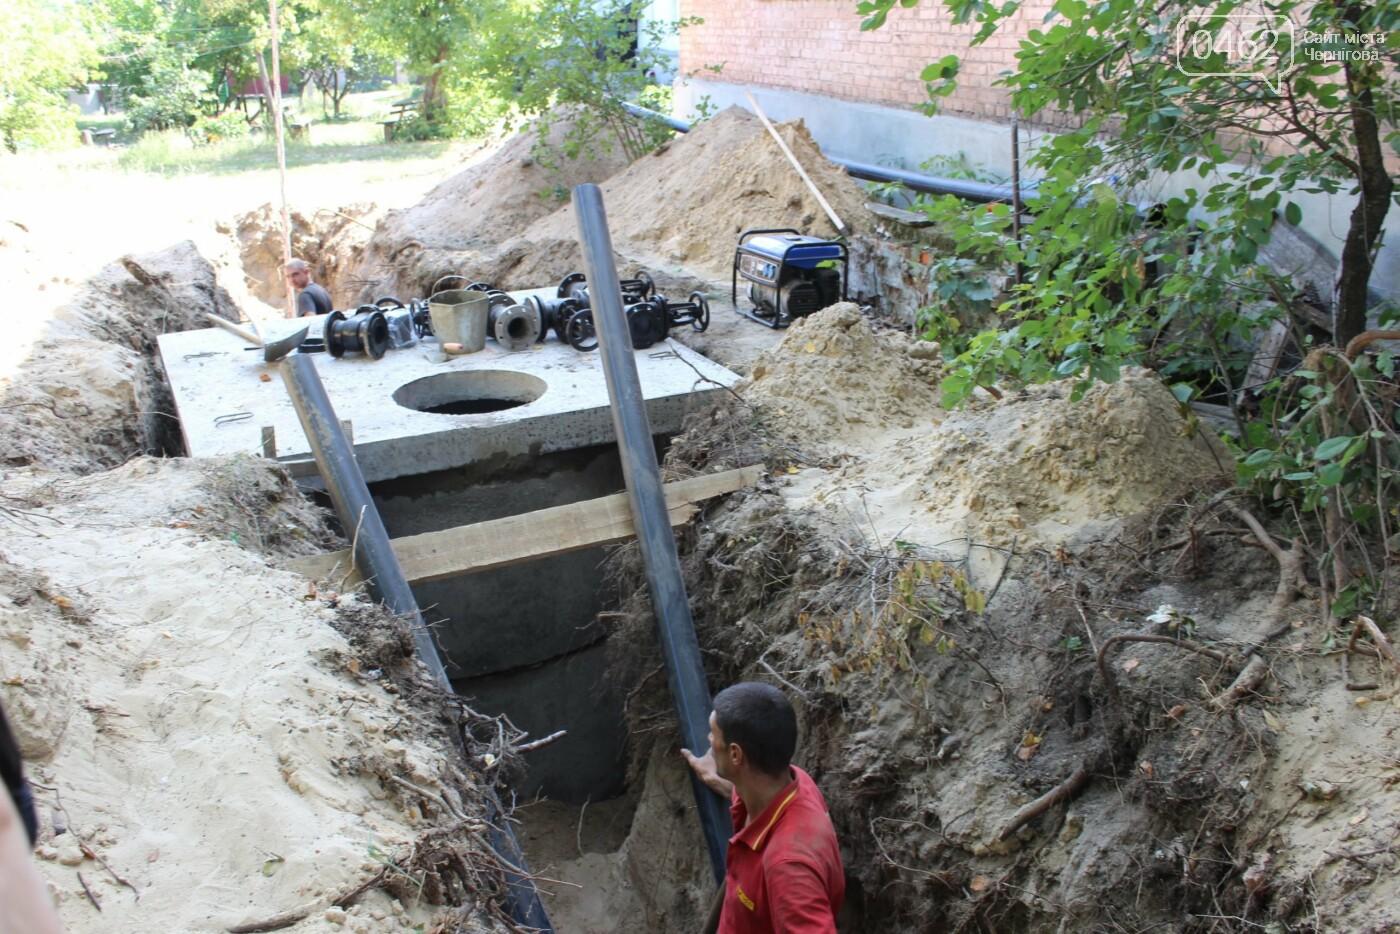 Цивілізація прийшла. В населених пунктах Чернігівської області запустили каналізацію та водогін, фото-2